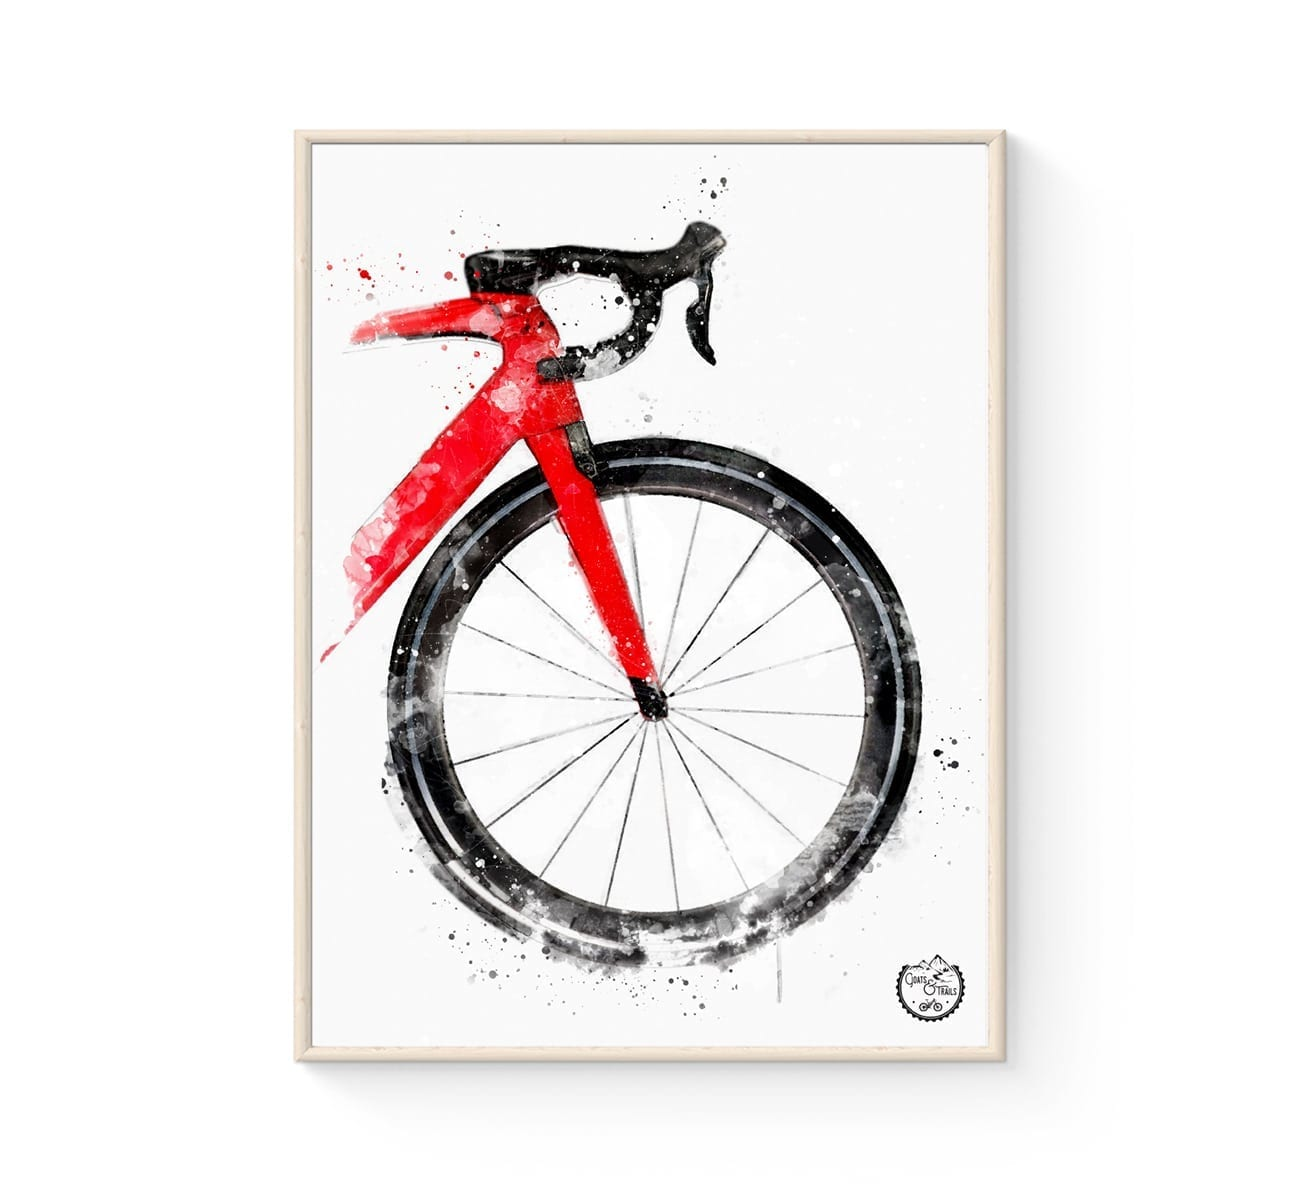 racercykel plakat i lækkert nordisk design - fra Goats & Trails